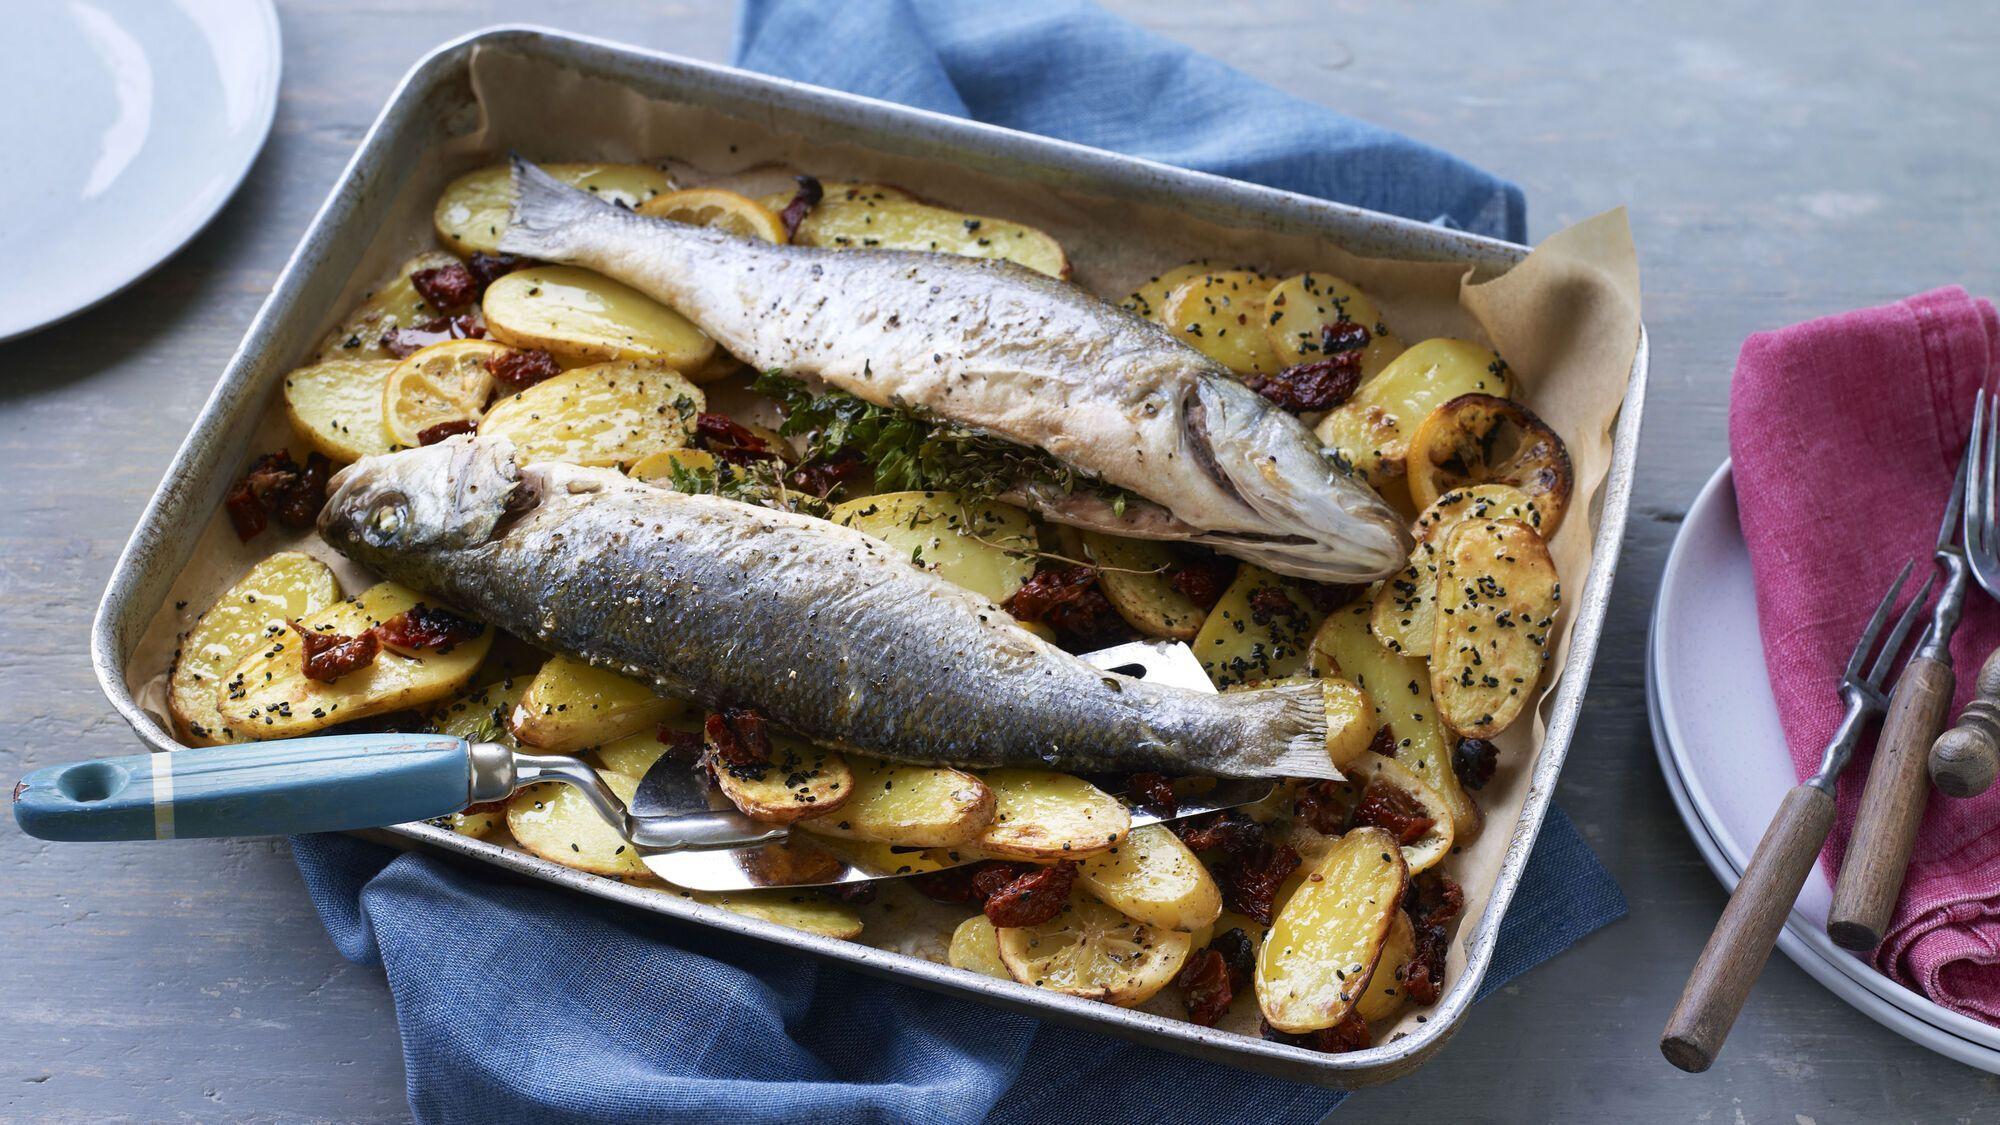 Риба стане чудовою основною стравою на святковому столі.